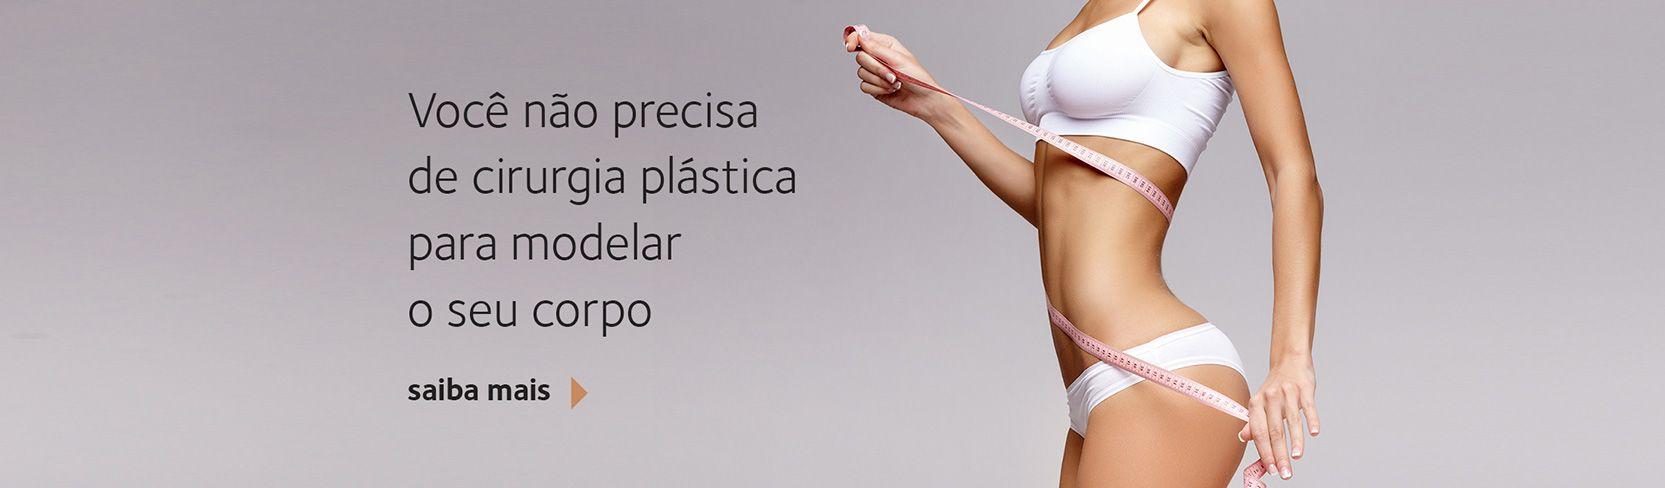 Você não precisa de cirurgia plástica para modelar o seu corpo